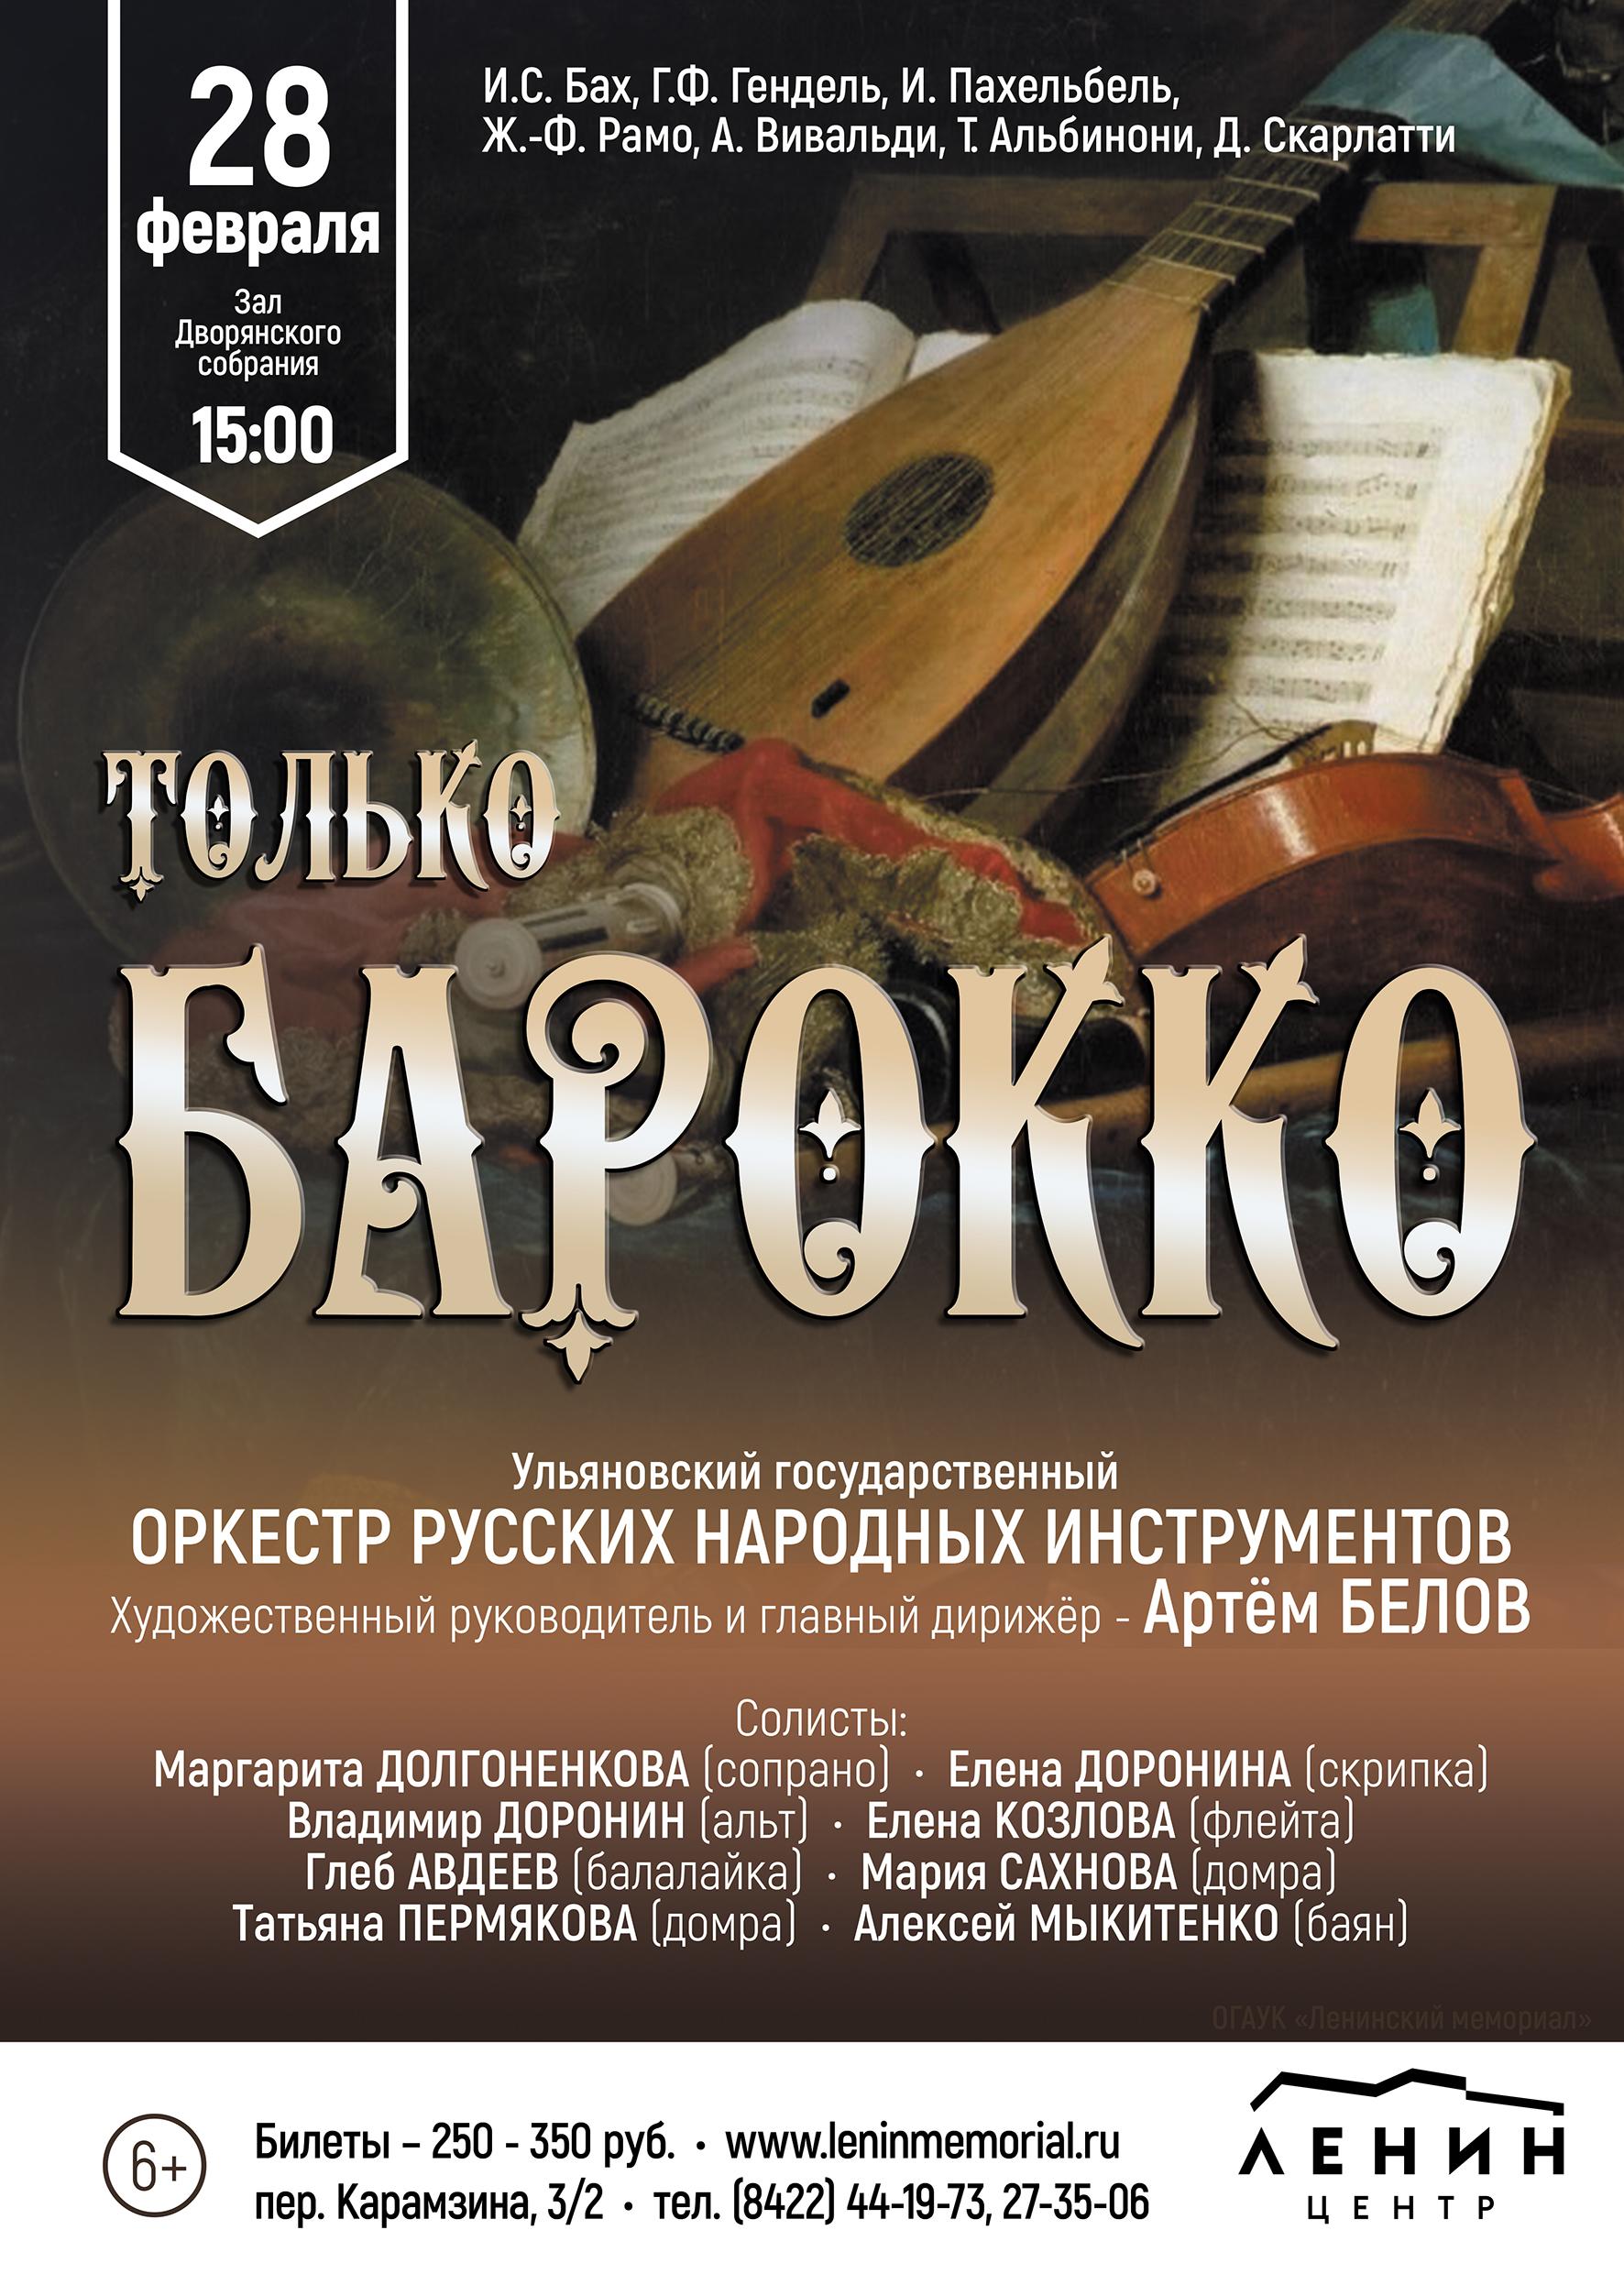 Концерт «Только барокко» @ в зале Дворянского собрания